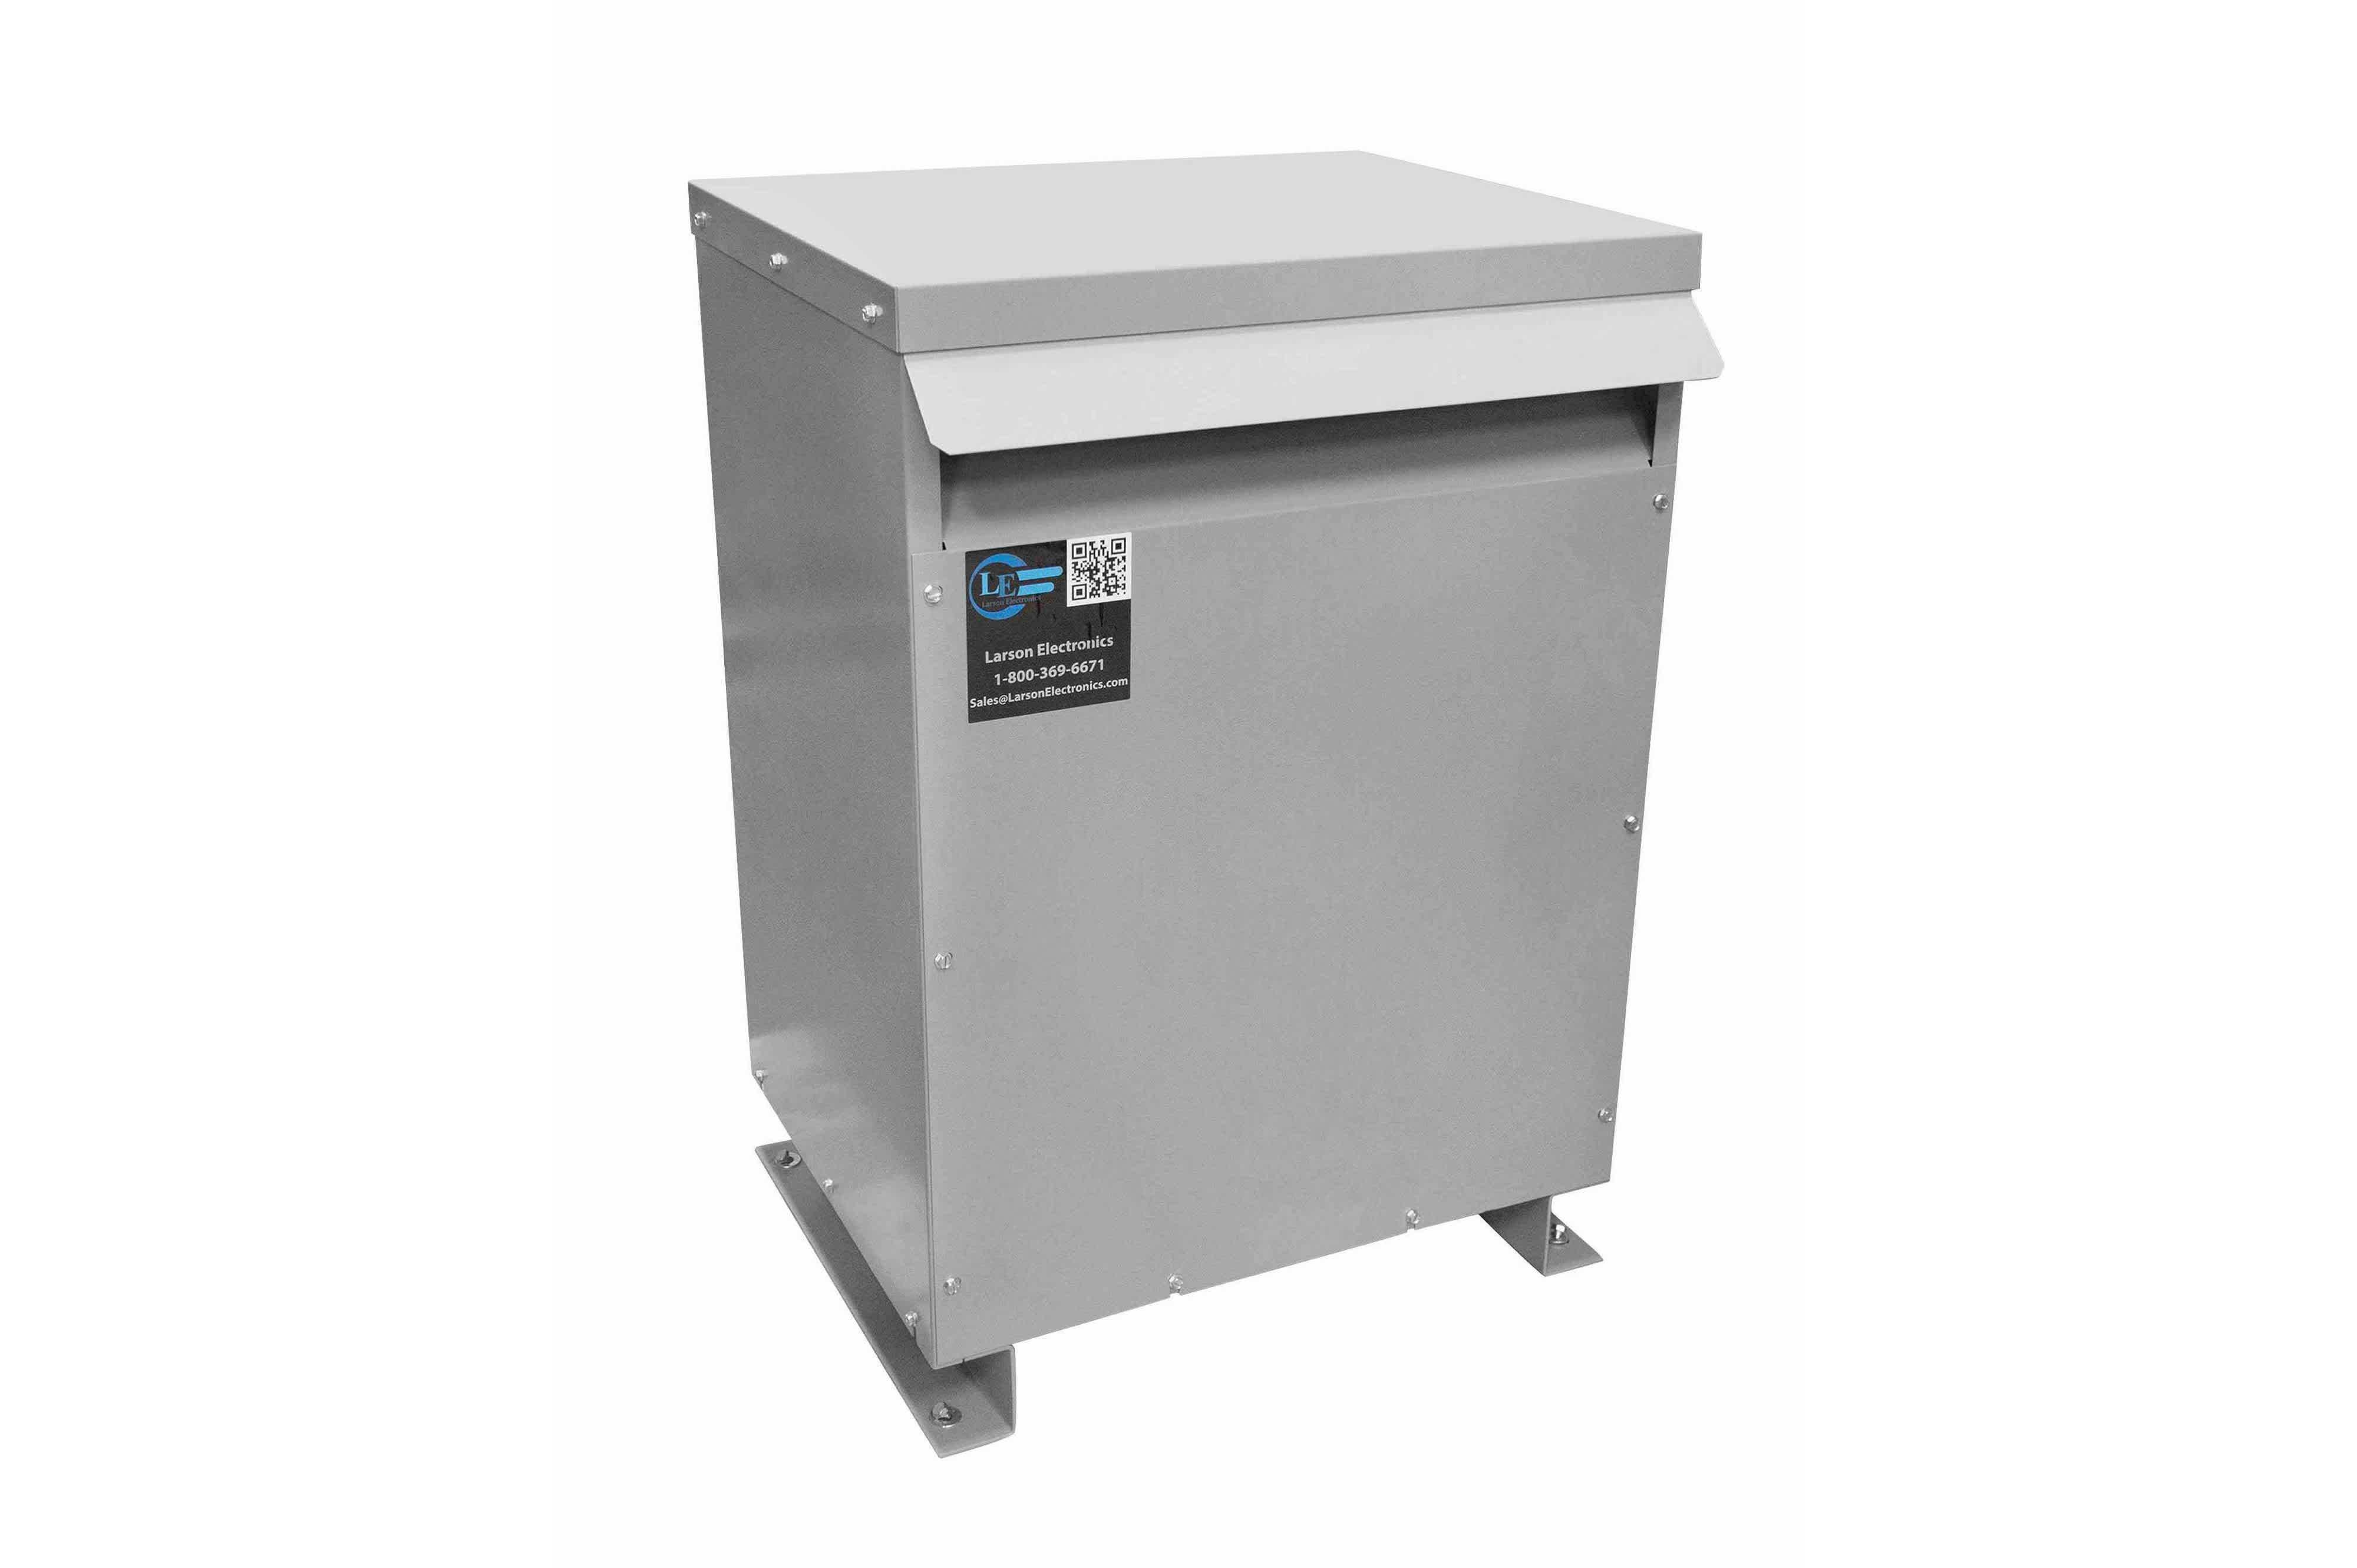 14 kVA 3PH Isolation Transformer, 240V Delta Primary, 208V Delta Secondary, N3R, Ventilated, 60 Hz